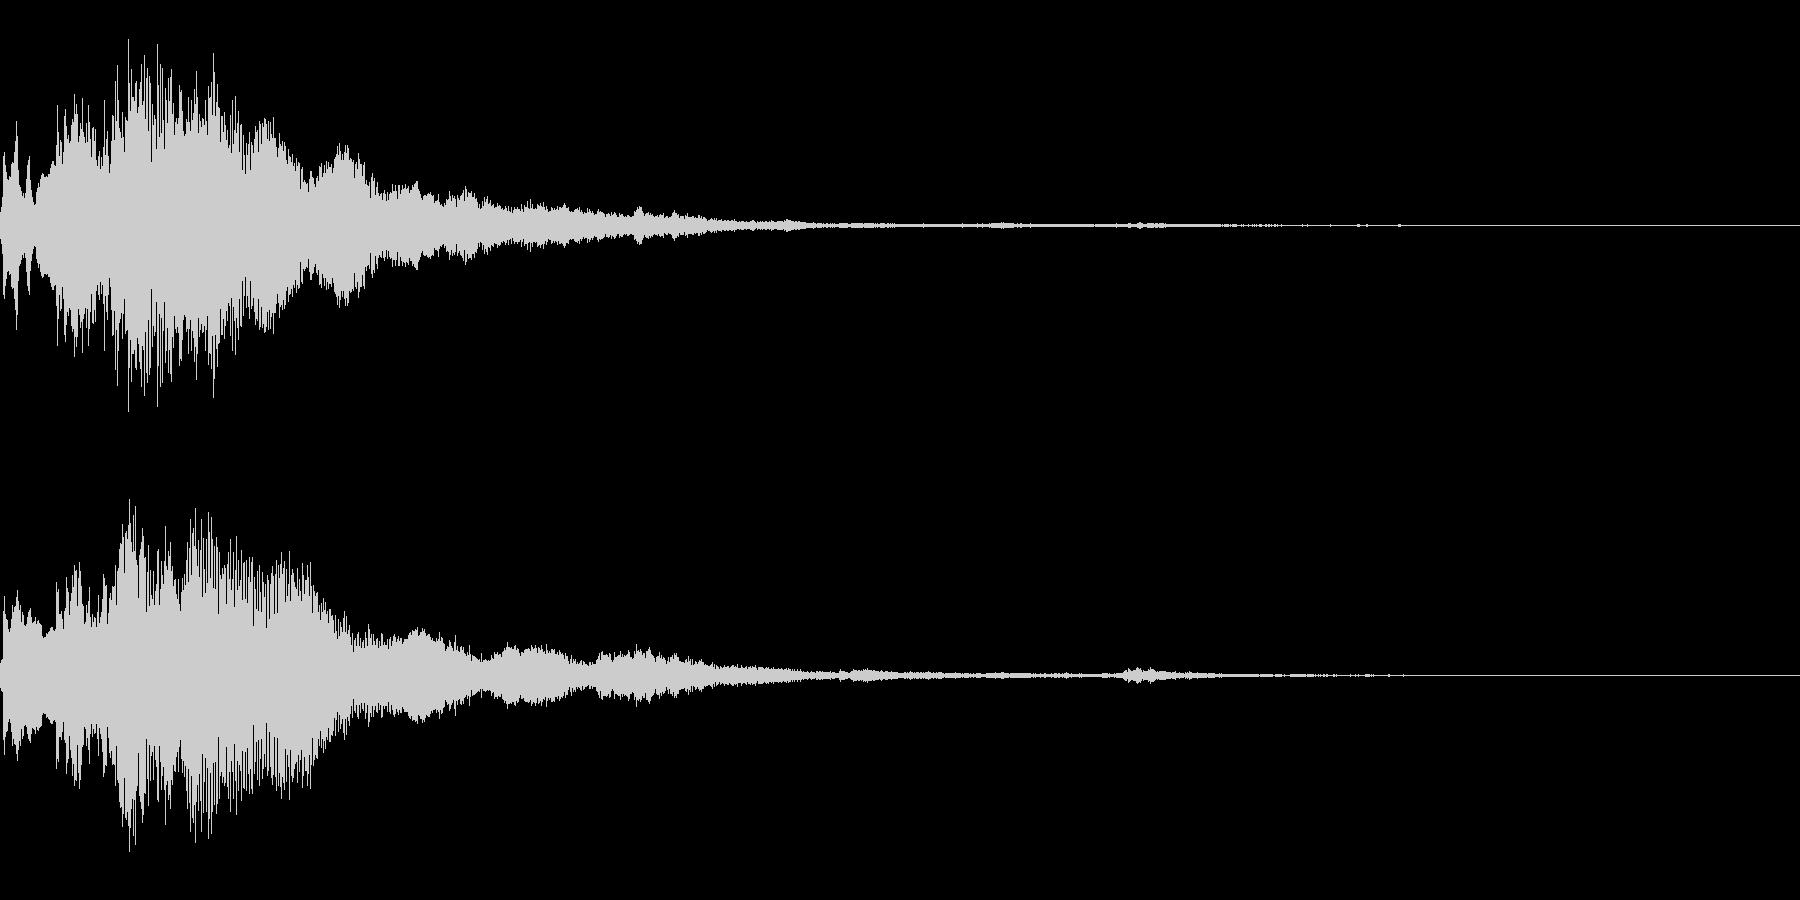 キランとした効果音の未再生の波形